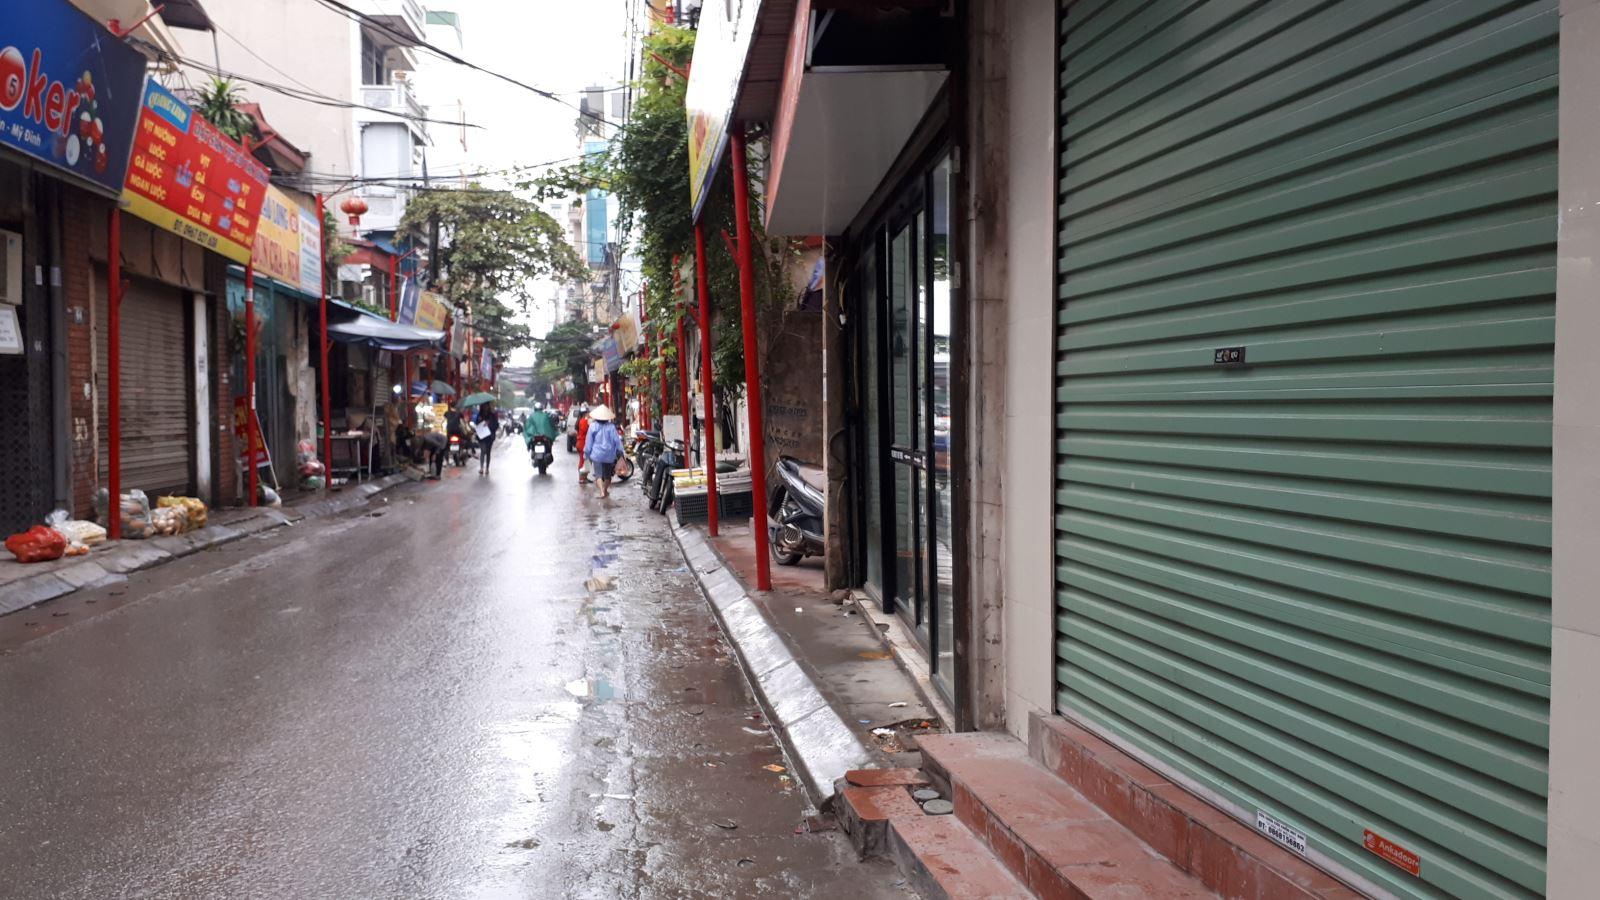 Lạ mắt với hàng cột, biển 'đồng phục' tại tuyến phố kiểu mẫu thứ 2 của Hà Nội - Ảnh 8.